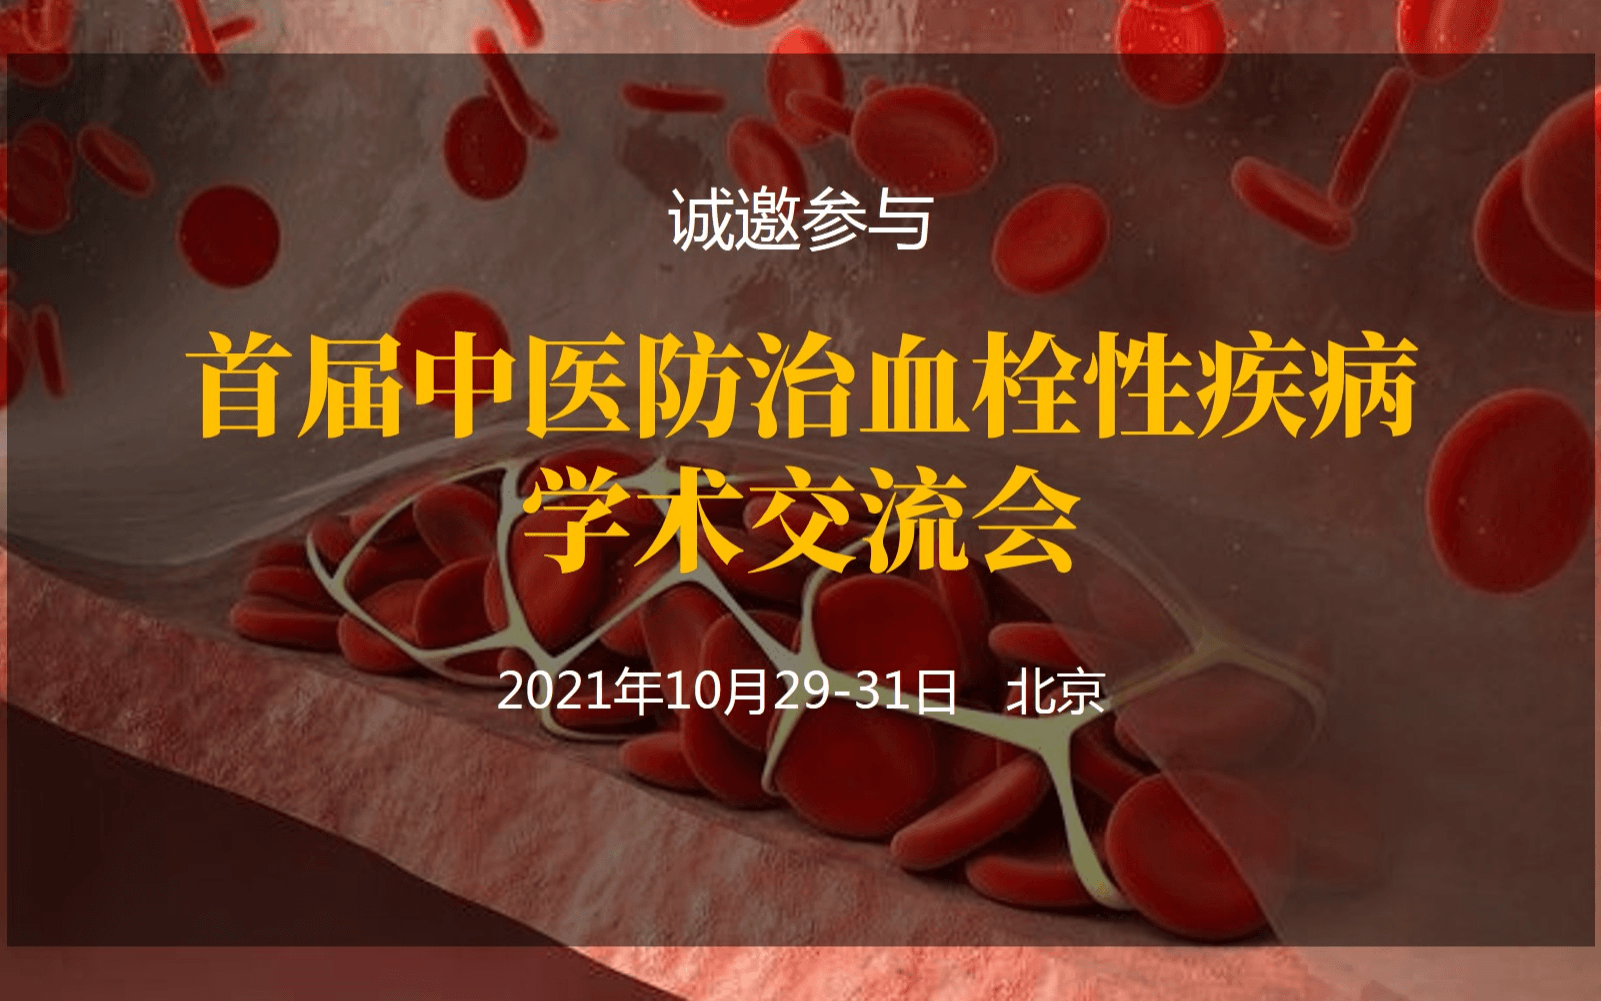 中國中醫藥信息學會中醫臨床藥學分會2021年年會暨首屆中醫防治血栓性疾病學術交流會